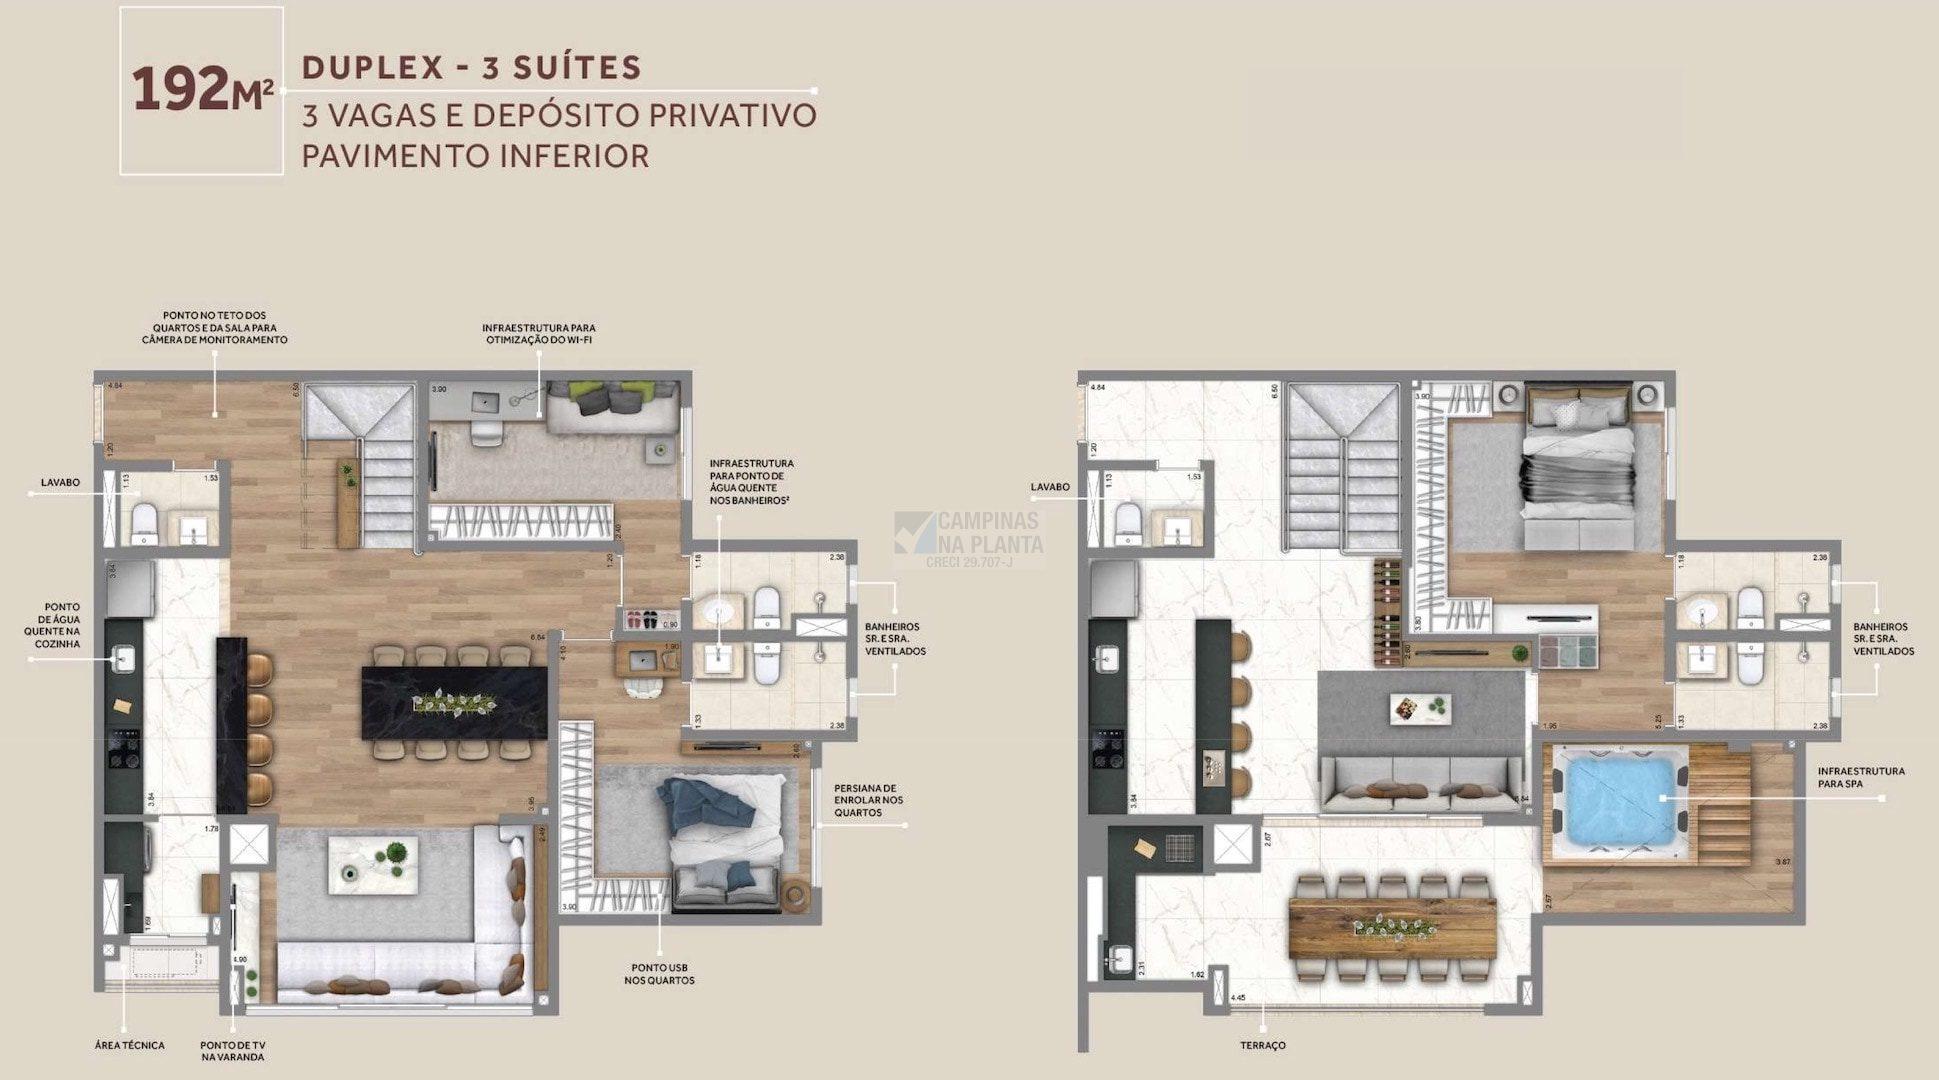 Living Grand Wish Nova Campinas Planta Do Pavimento Inferior Do Duplex 192 M2